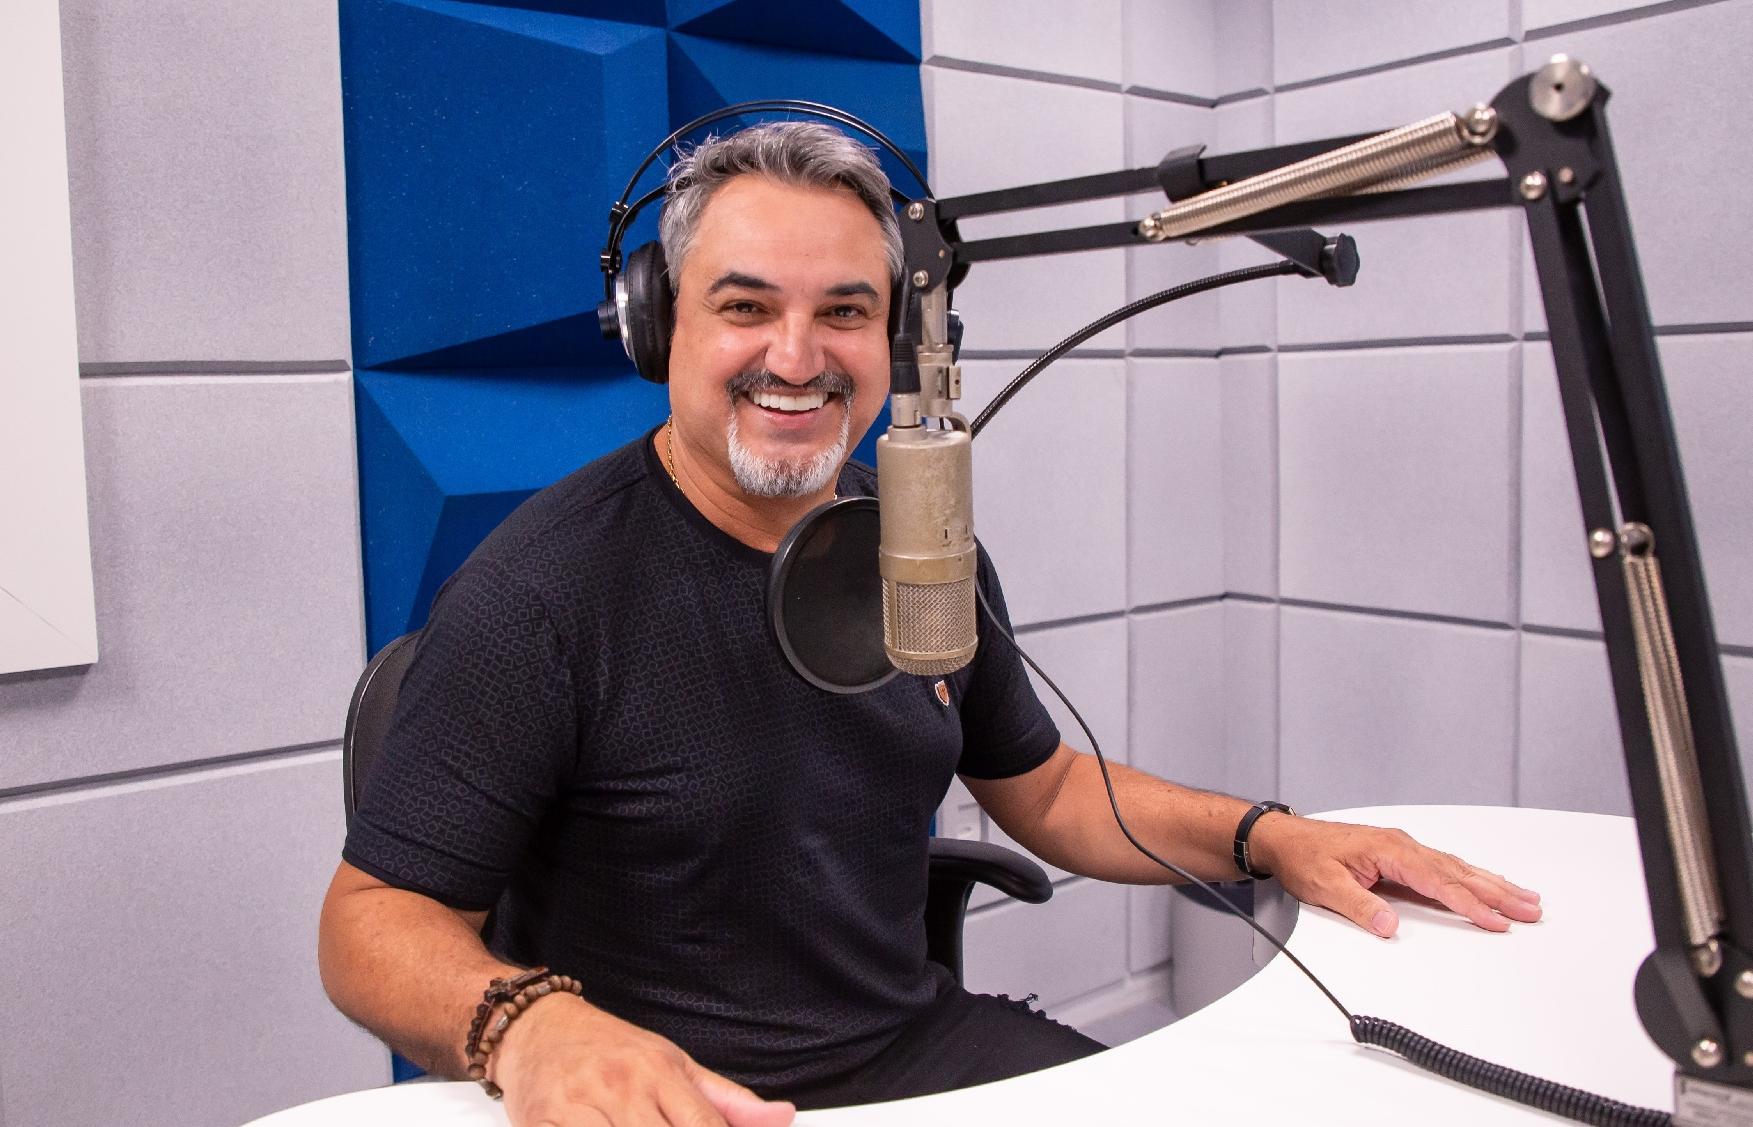 LIVE deste sábado na TV Aparecida é sertaneja com Odair Terra 41